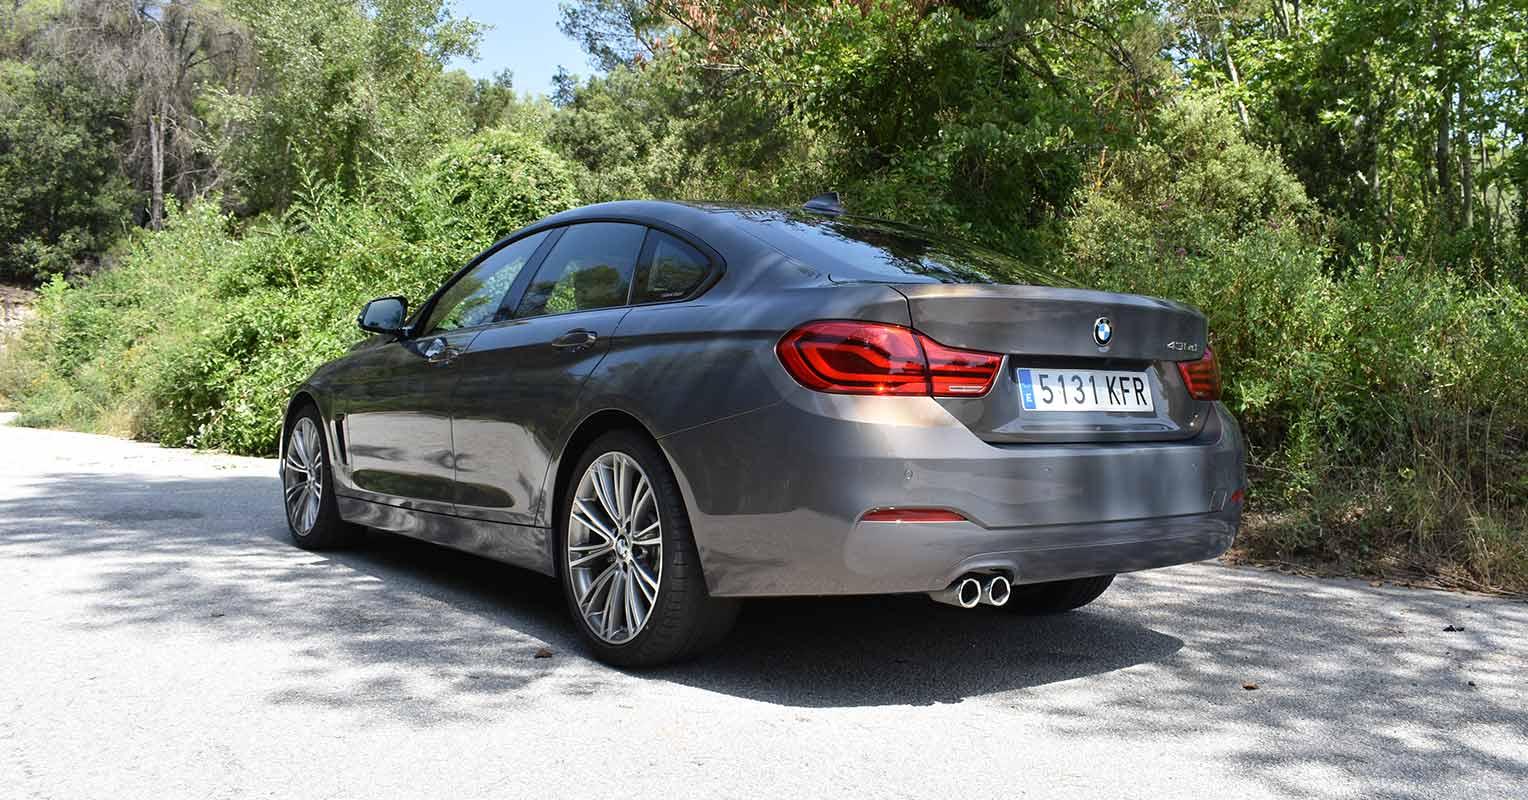 Trasera del BMW Serie 4 Gran Coupé